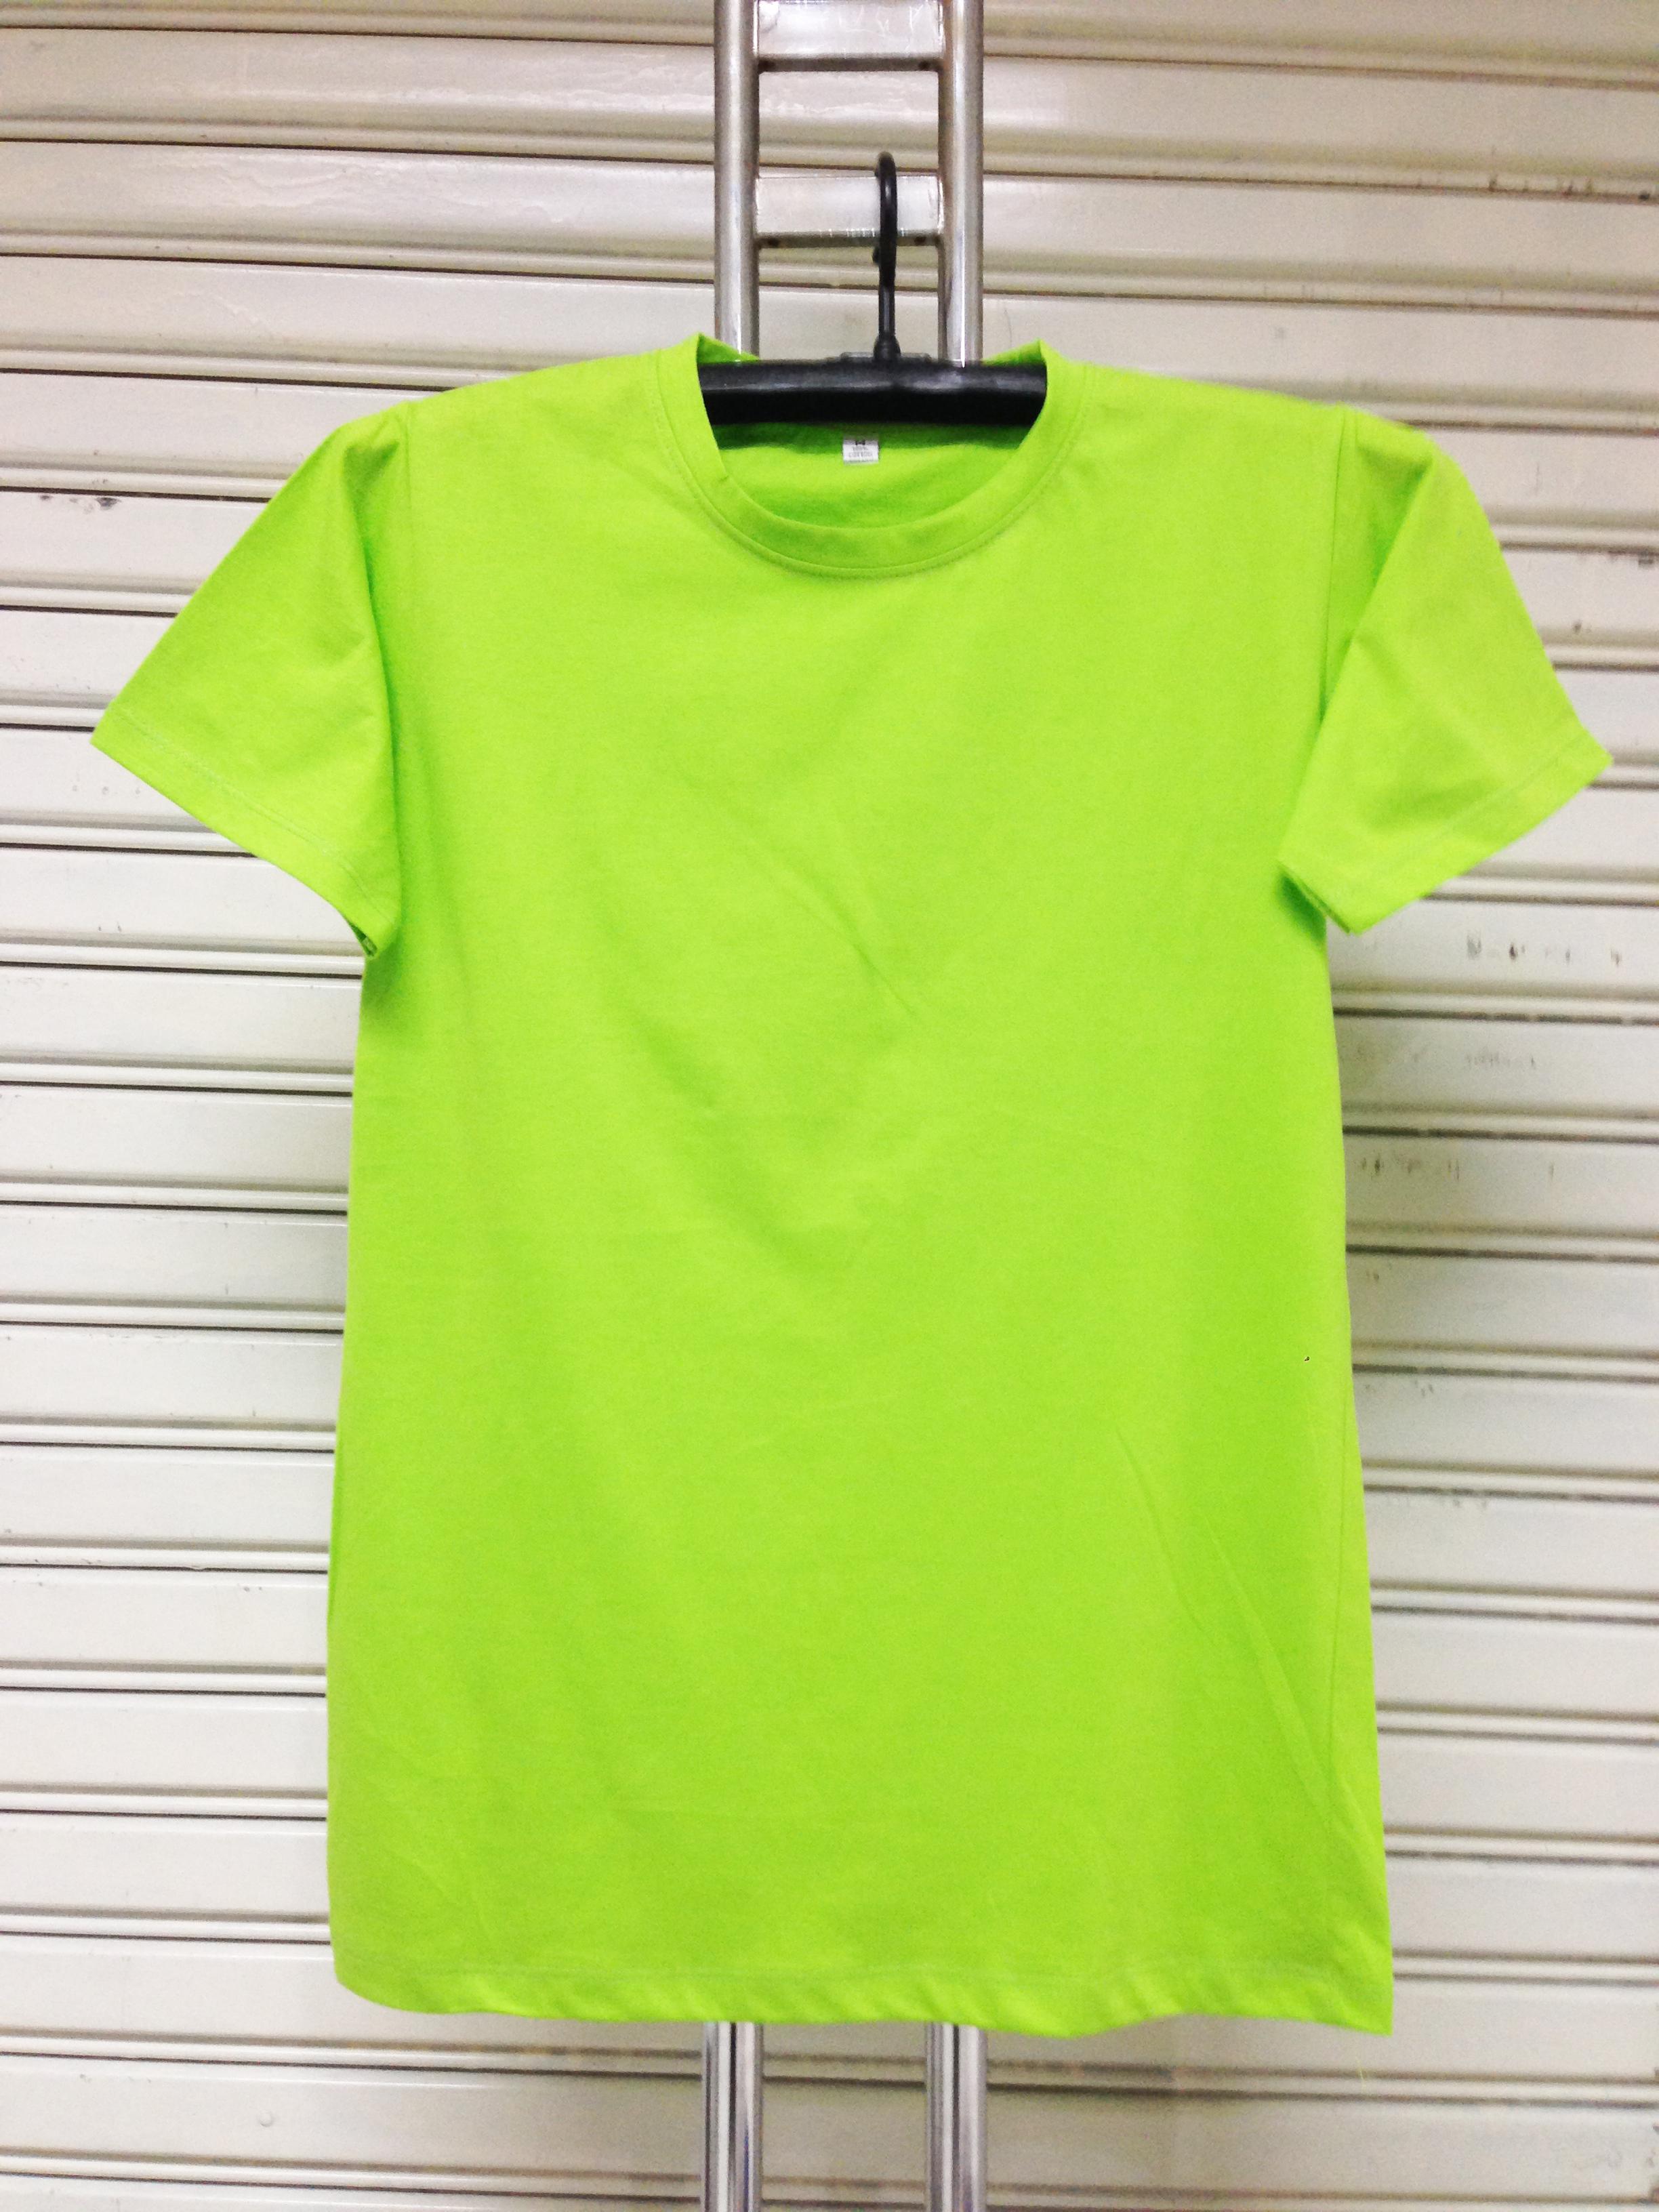 COTTON100% เบอร์32 เสื้อยืดแขนสั้น คอกลม สีเขียวตอง